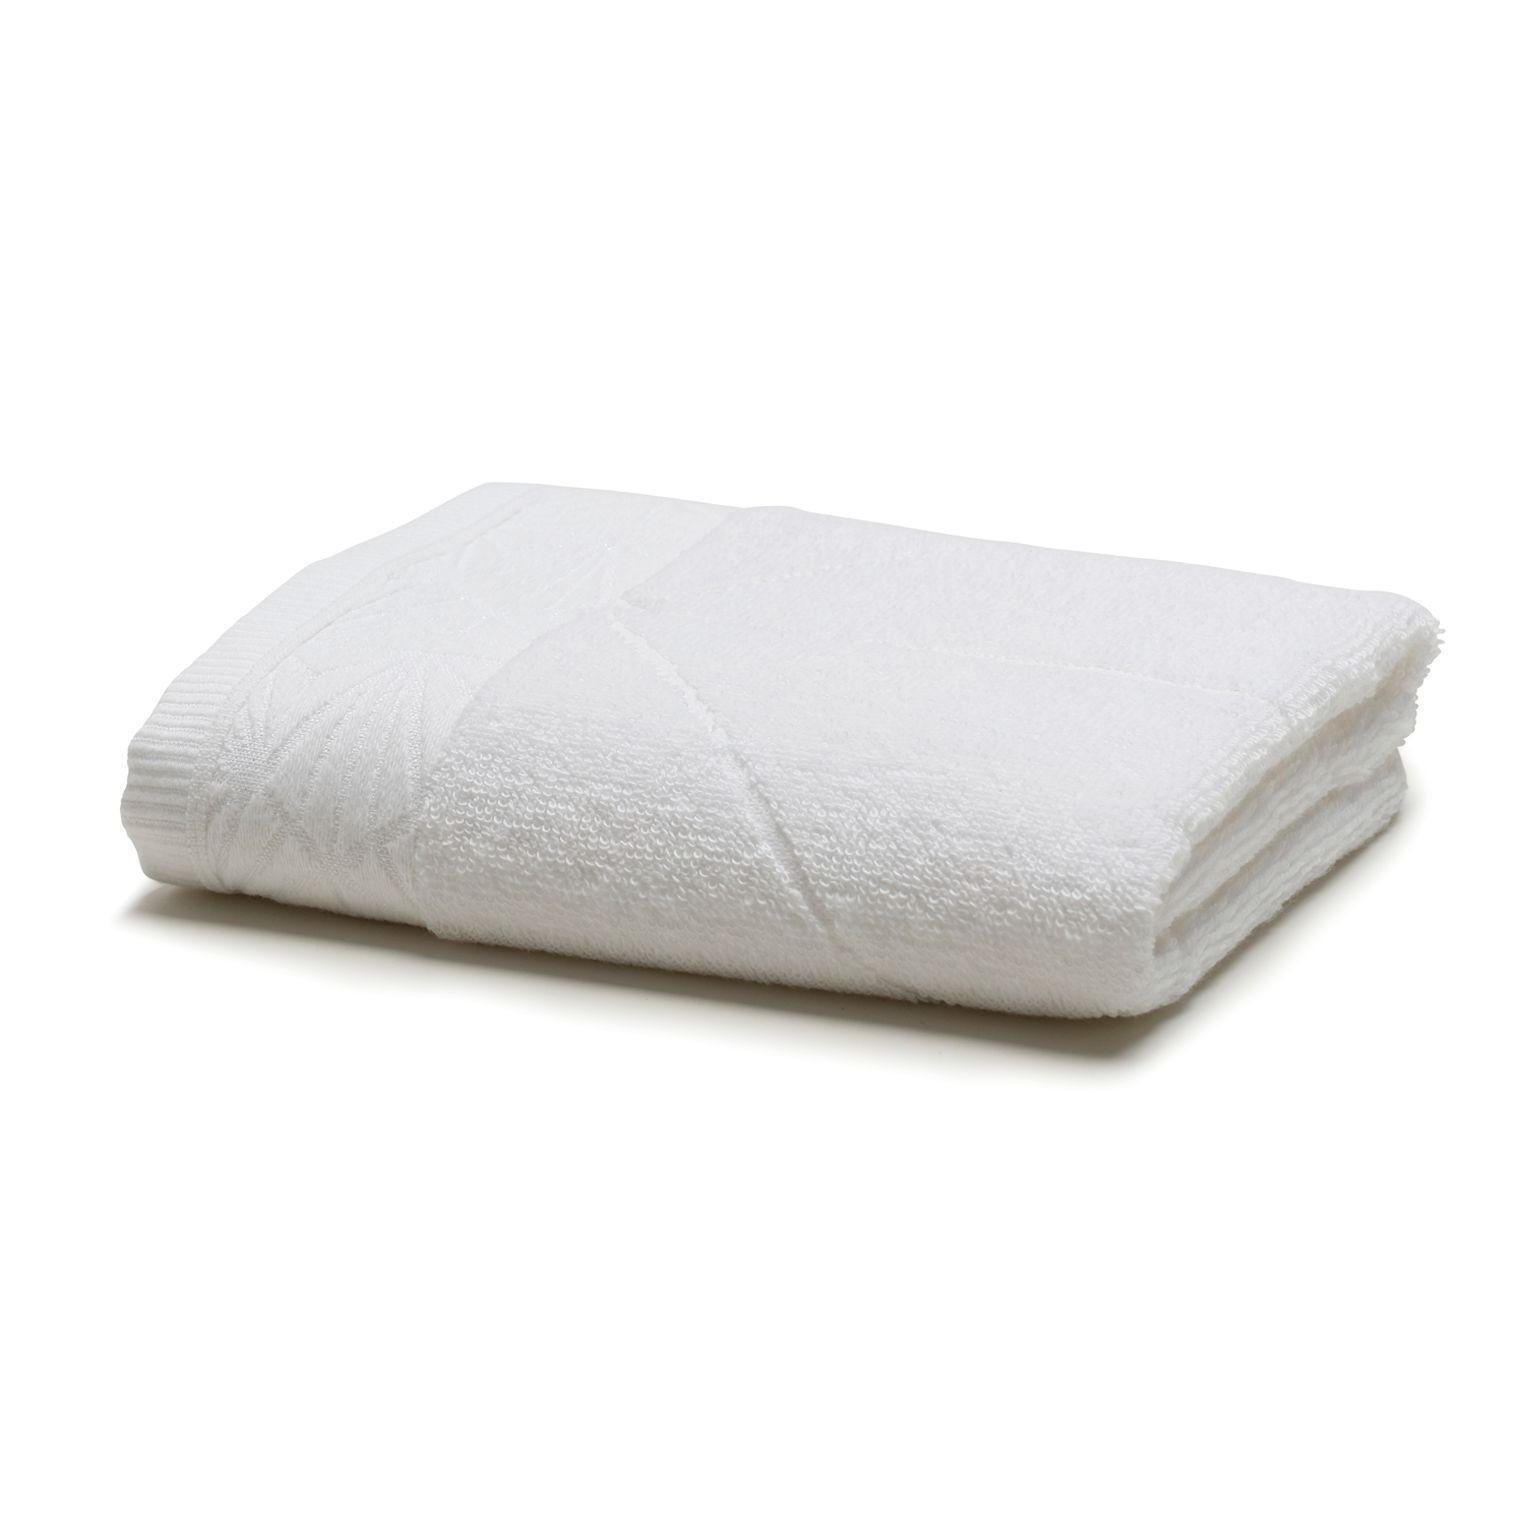 Toalha de Banho Total Mix 100 Algodao 70 x 135 cm Branca - Artex